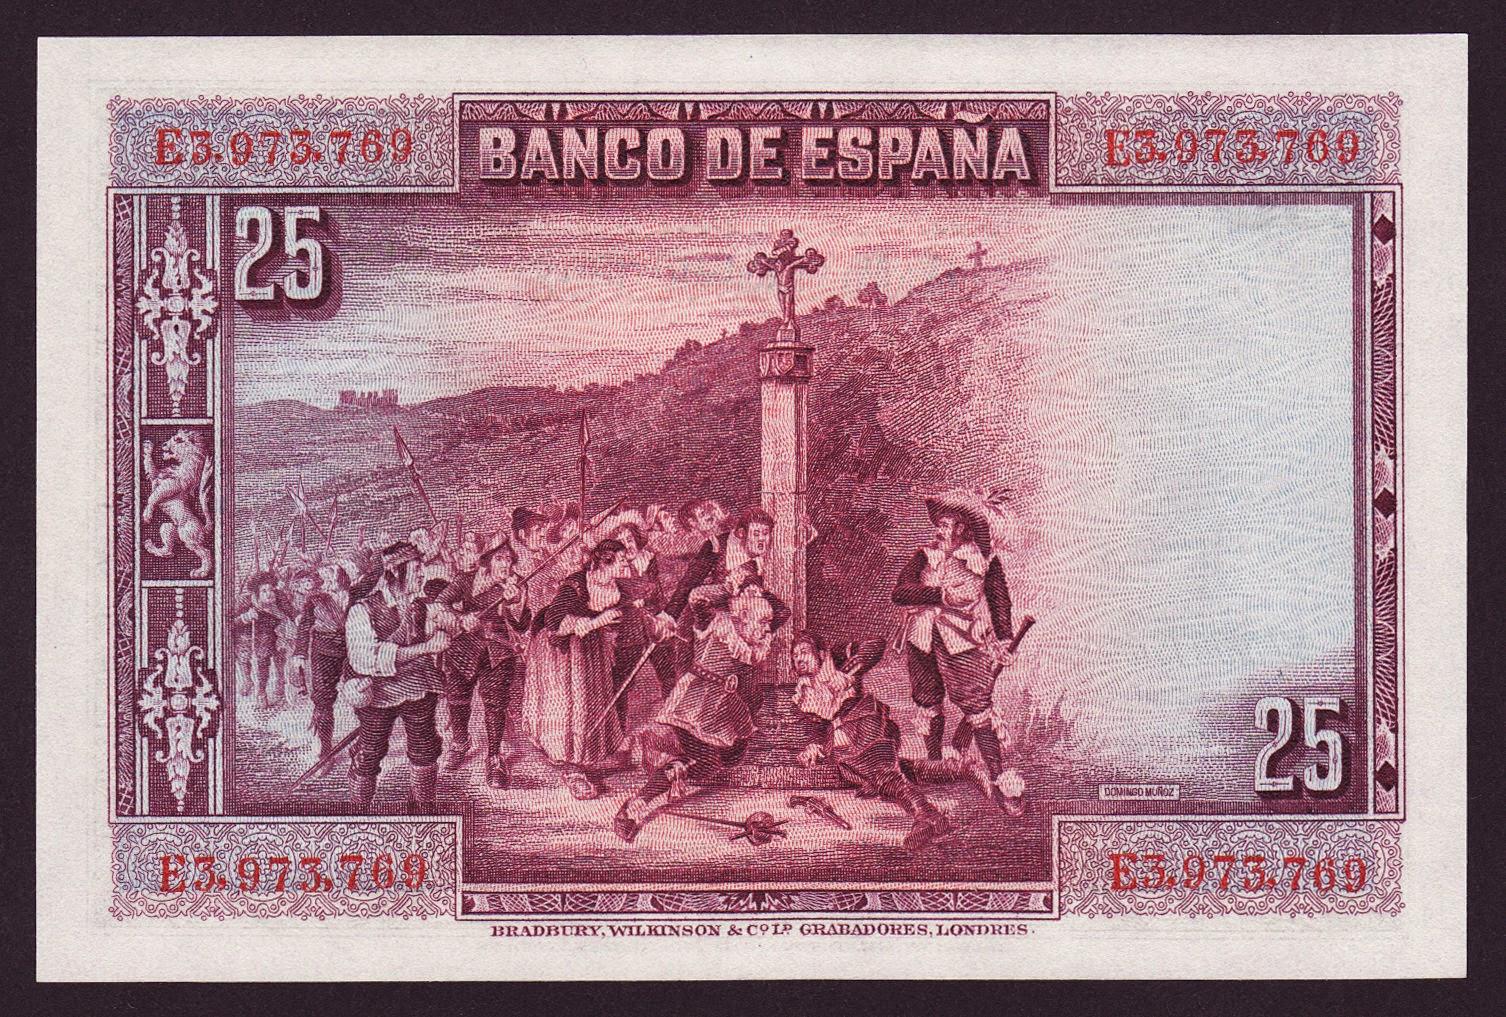 Spain money currency 25 Pesetas banknote 1928